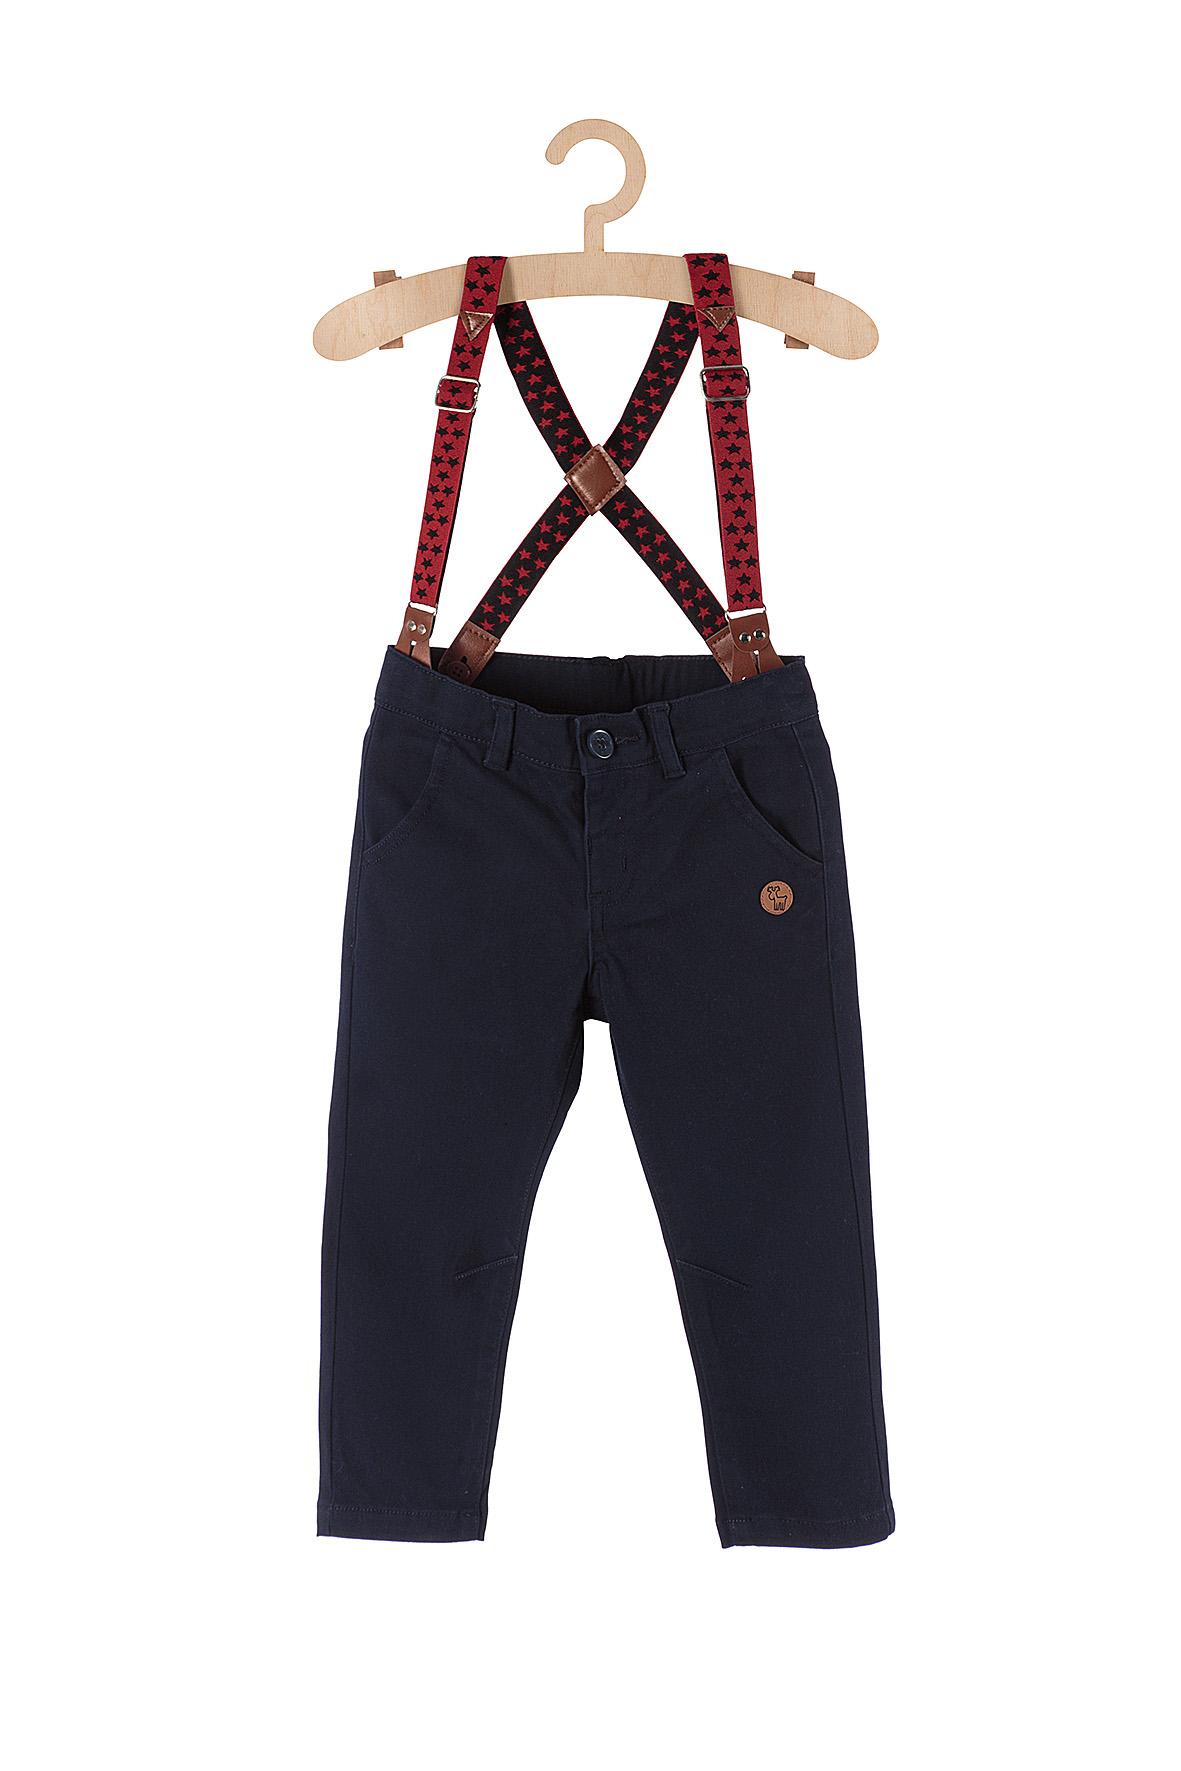 Spodnie dla przedszkolaka  1L3712